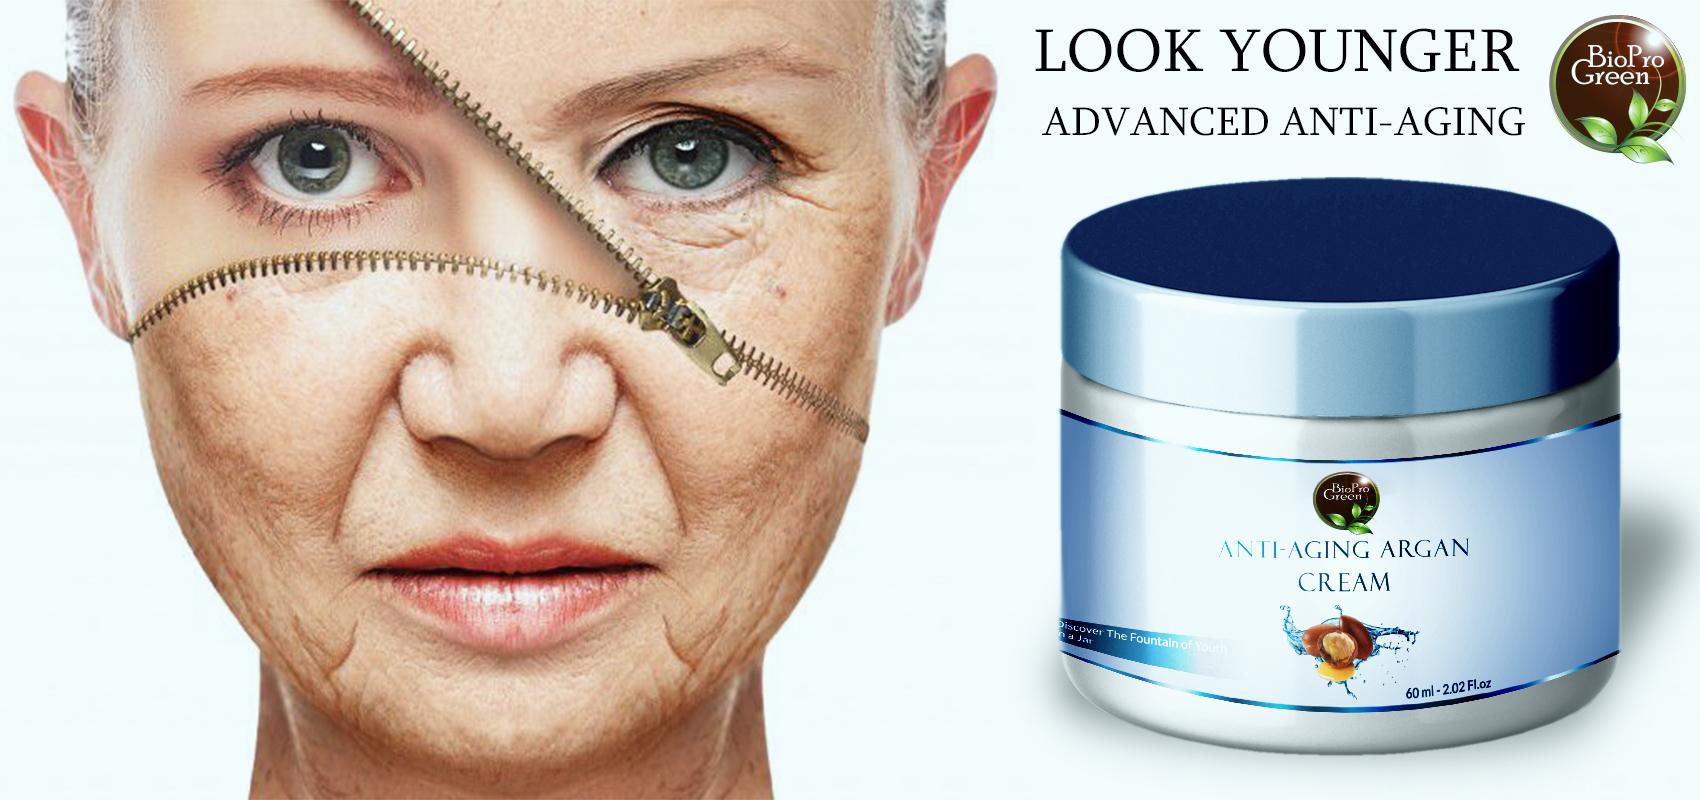 Argan anti-aging cream